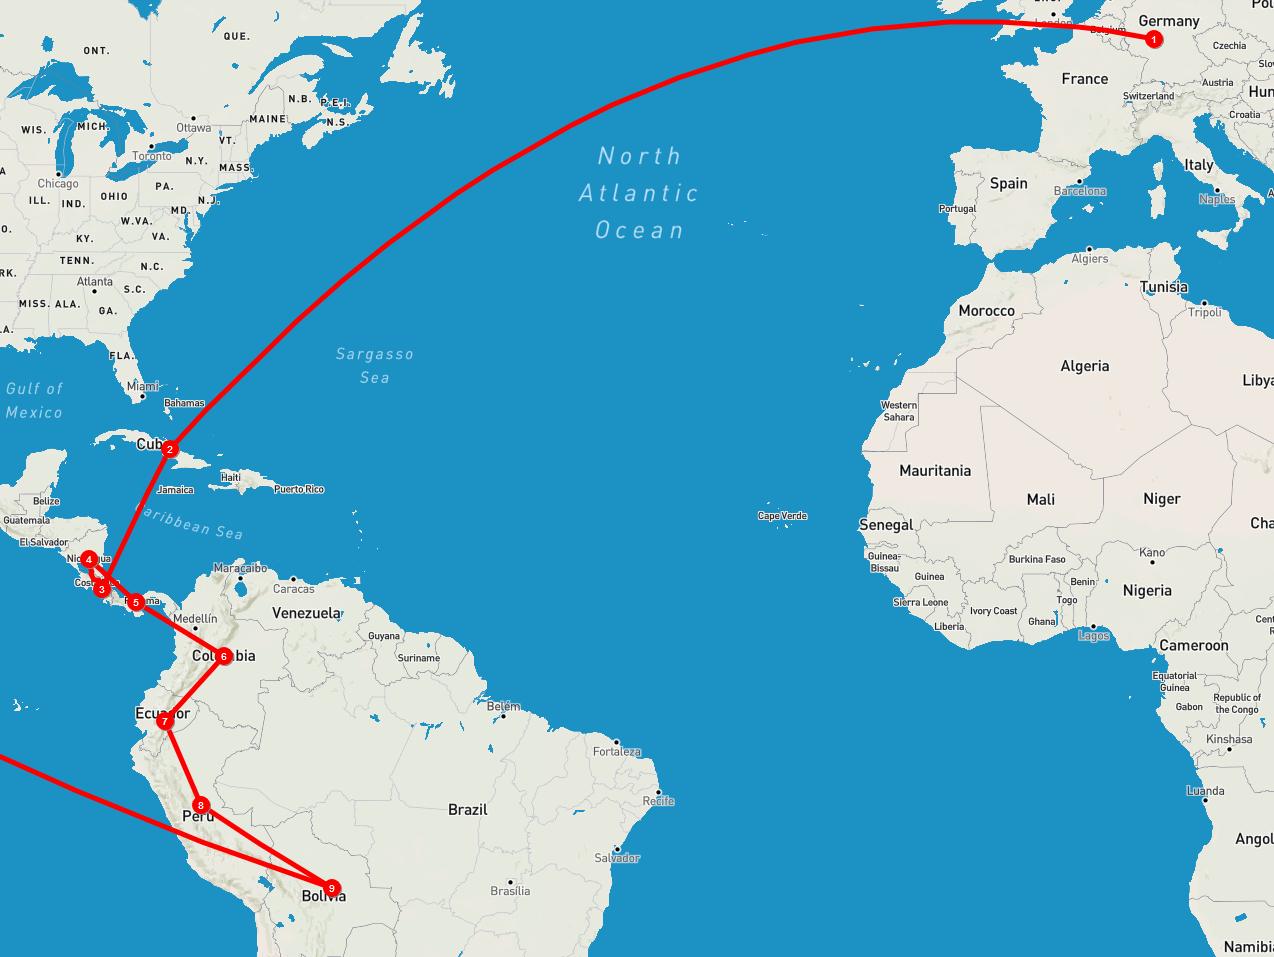 Unsere Route durch Südamerika